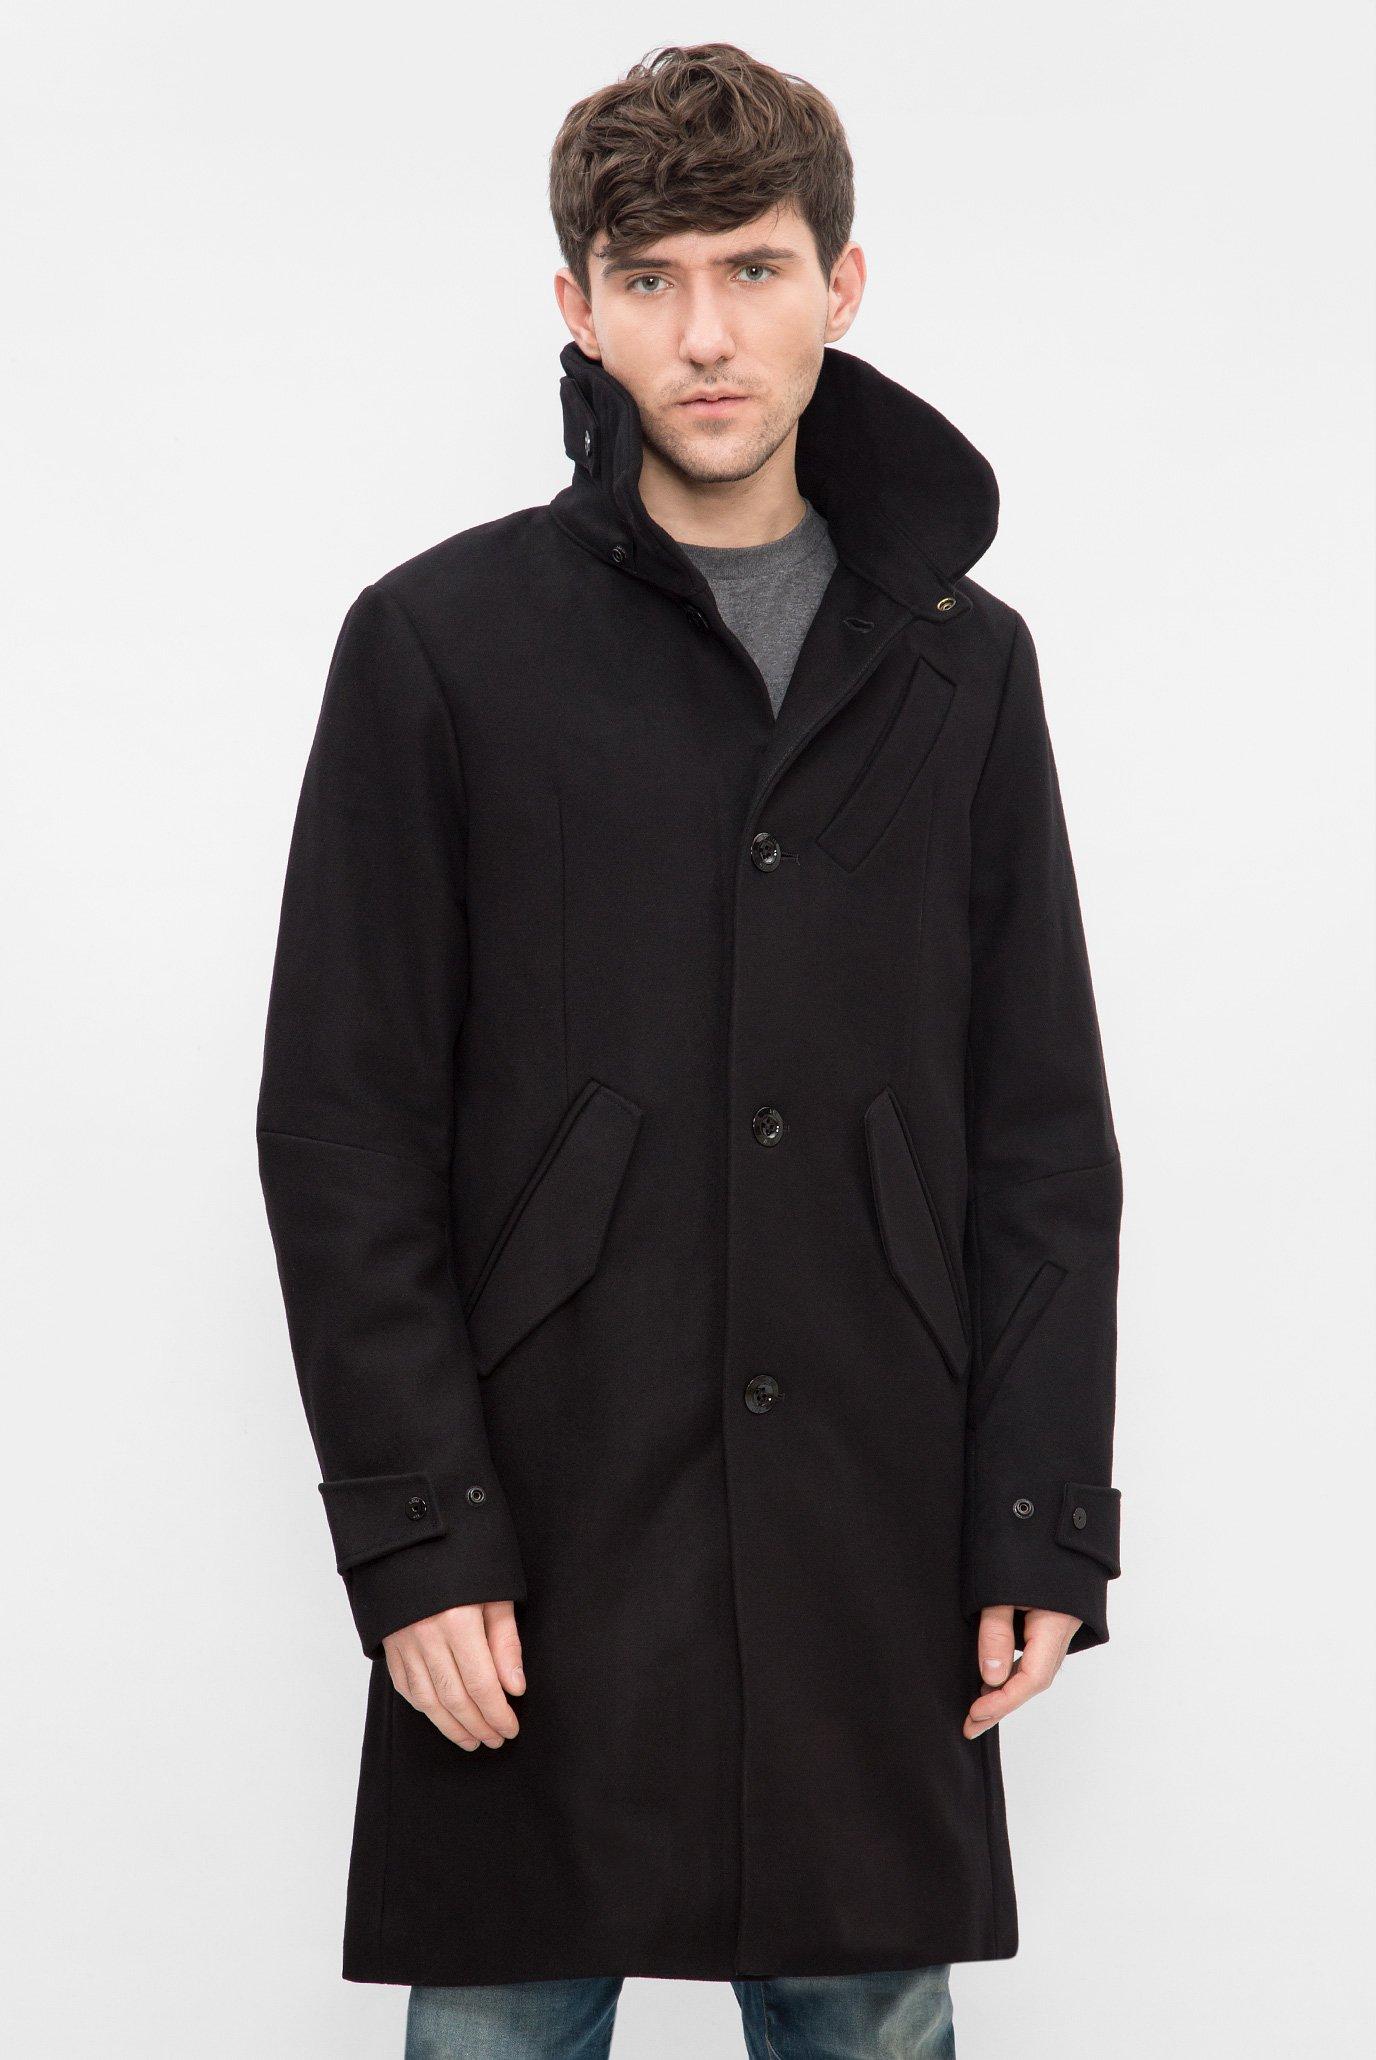 Купить Мужское черное пальто G-Star RAW G-Star RAW D06960,9168 – Киев, Украина. Цены в интернет магазине MD Fashion